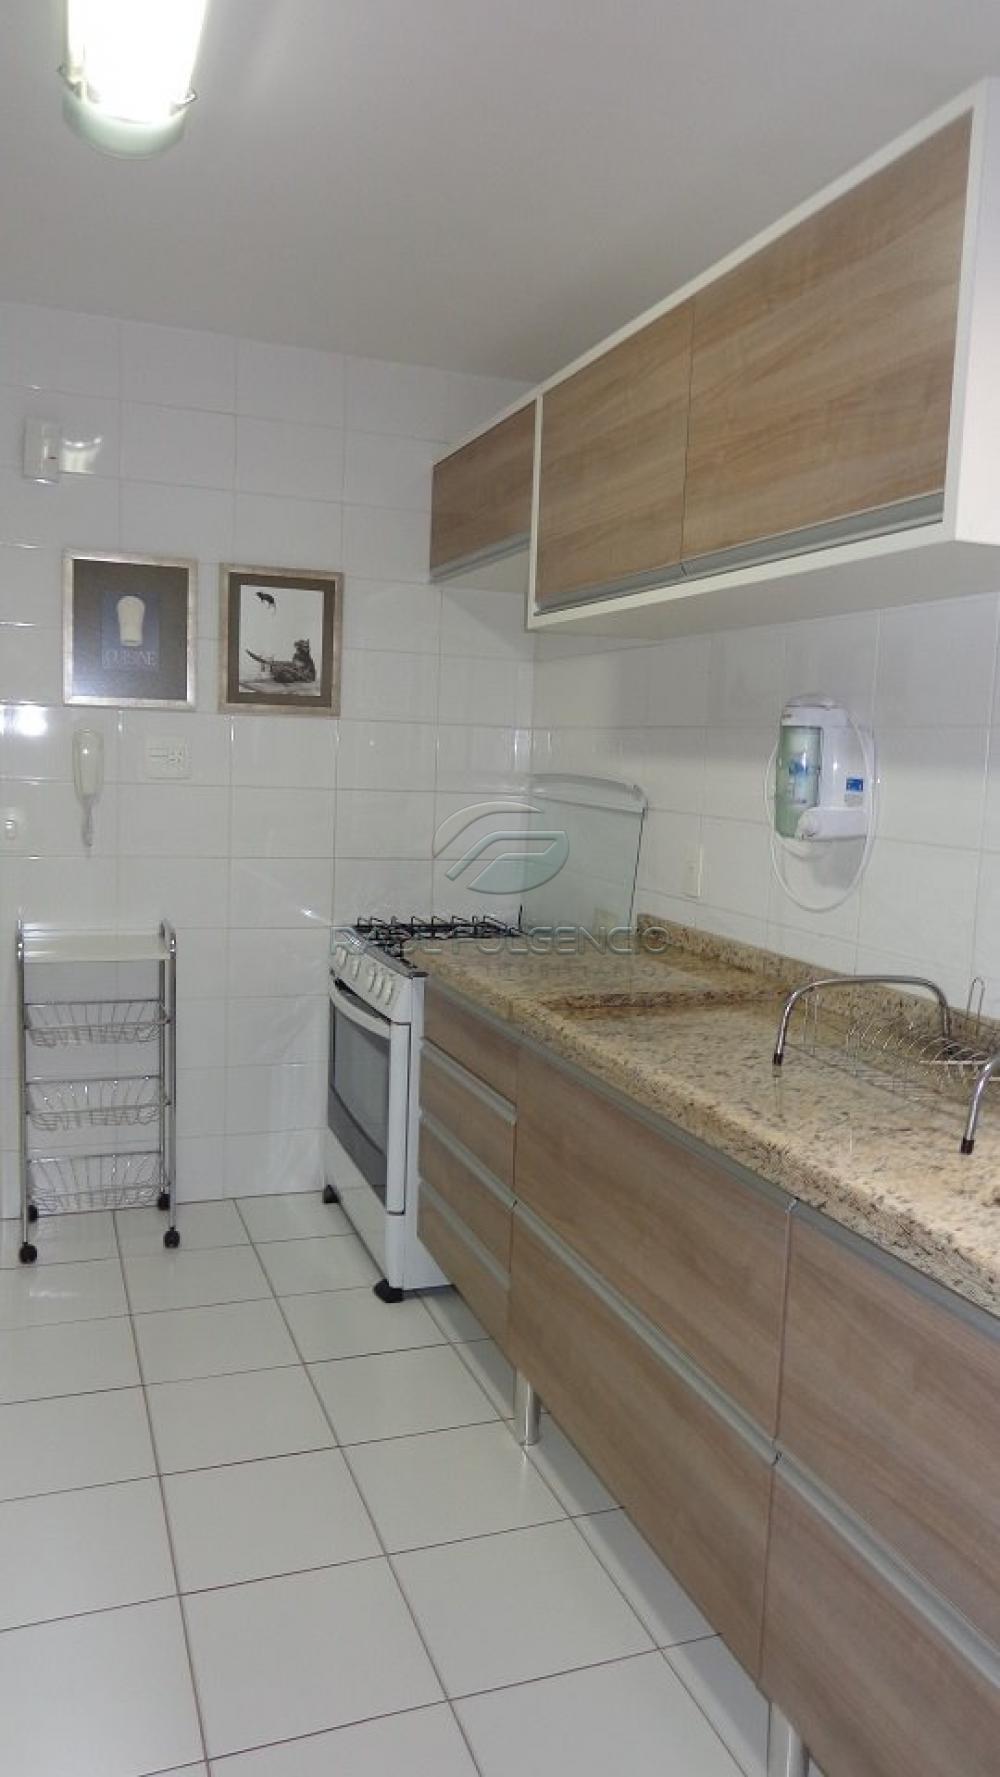 Comprar Apartamento / Cobertura em Londrina apenas R$ 760.000,00 - Foto 2